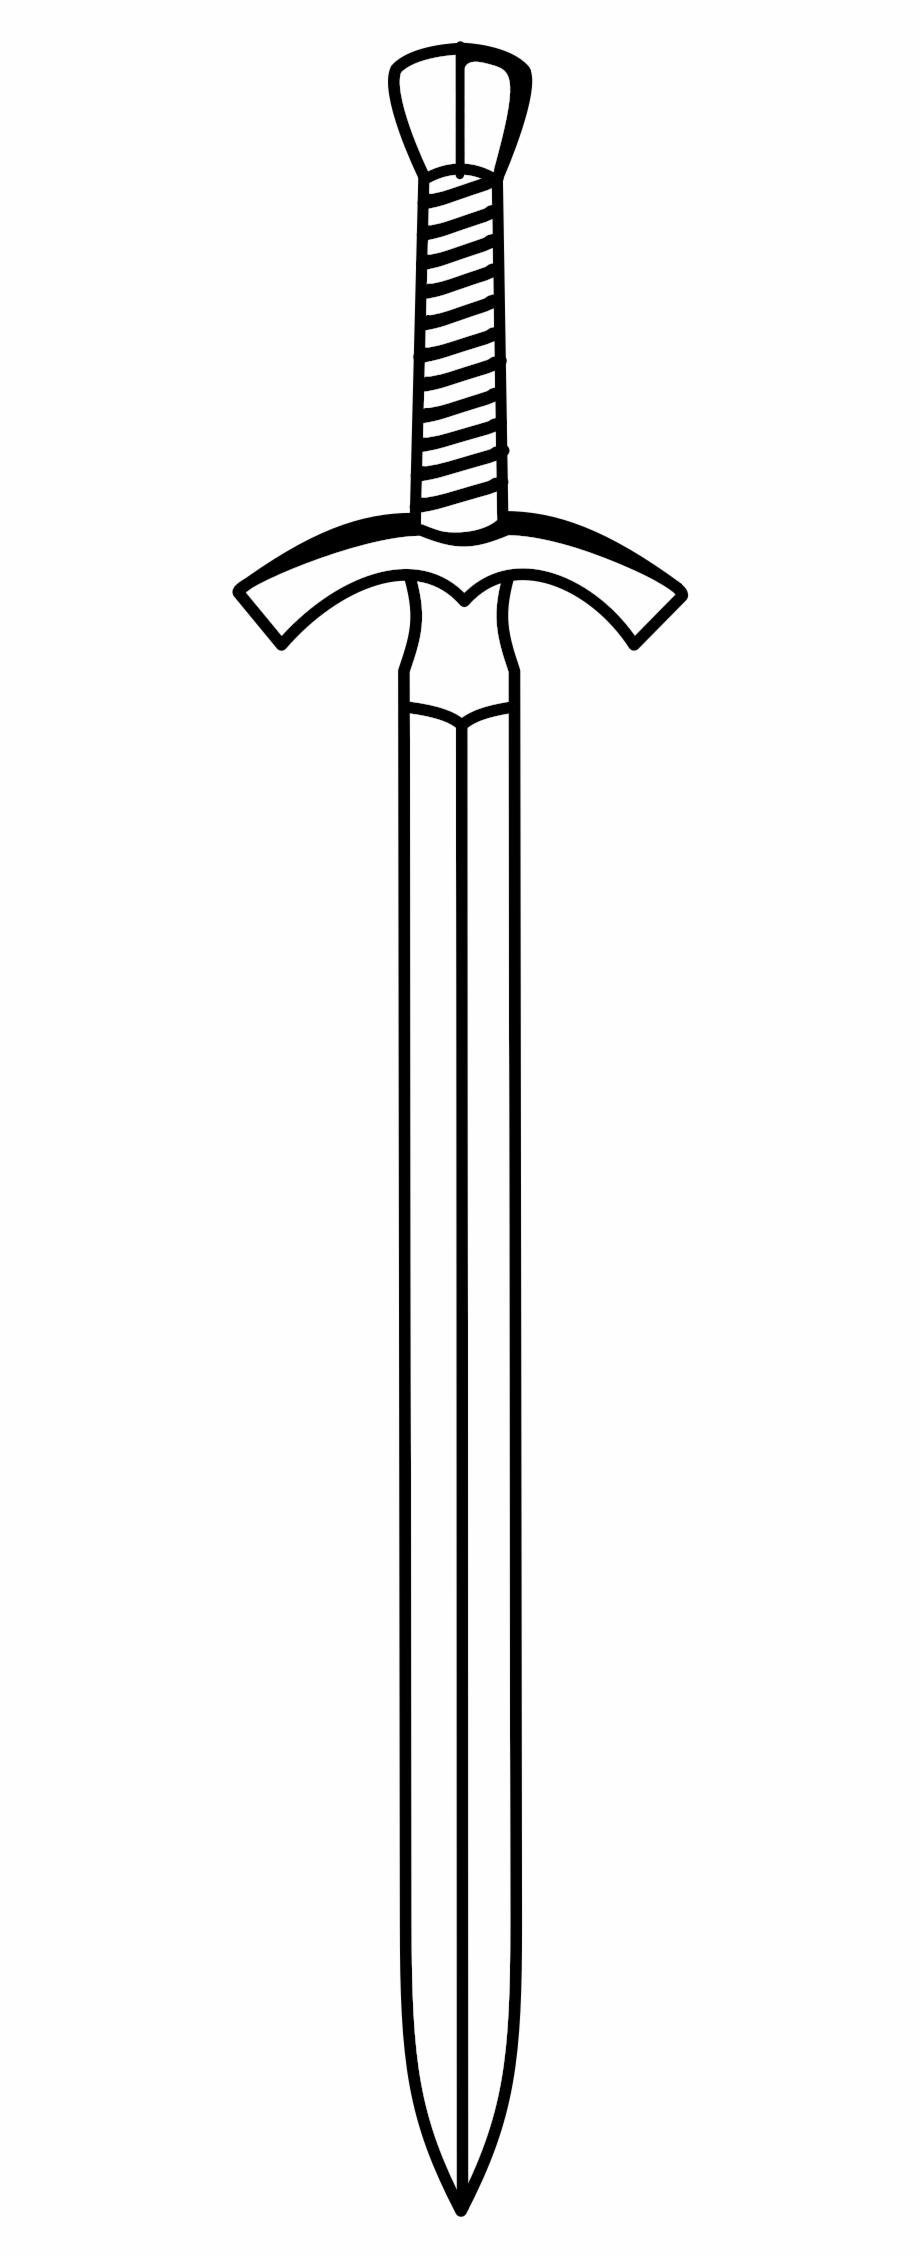 Clipart Sword Great Sword.